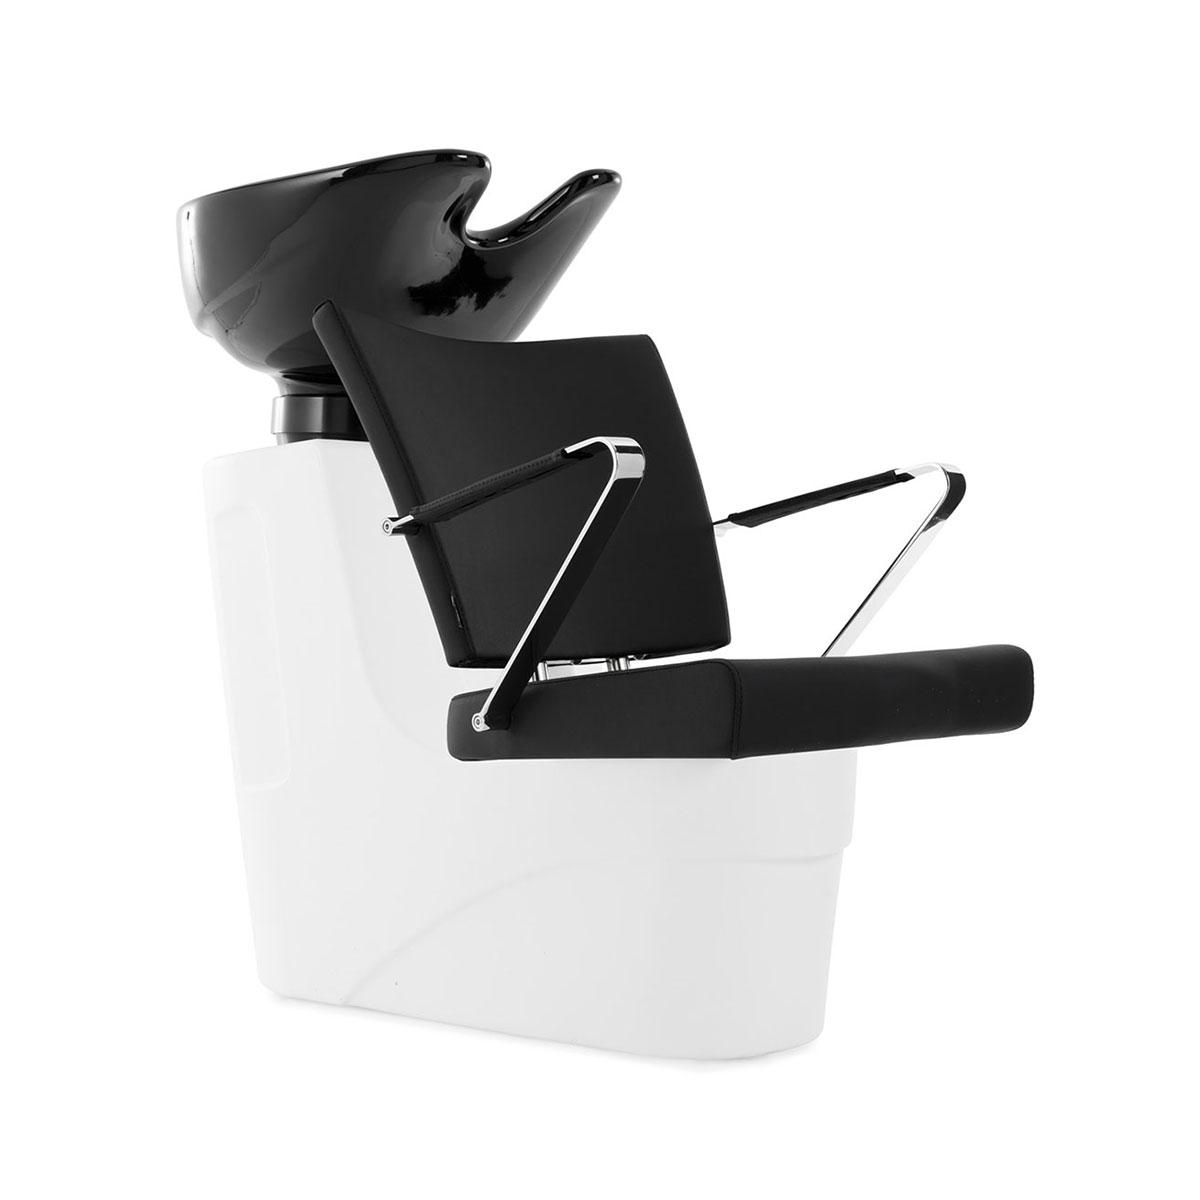 Creta mitas bac de lavage mobicoiff - Bac de lavage pour buanderie ...